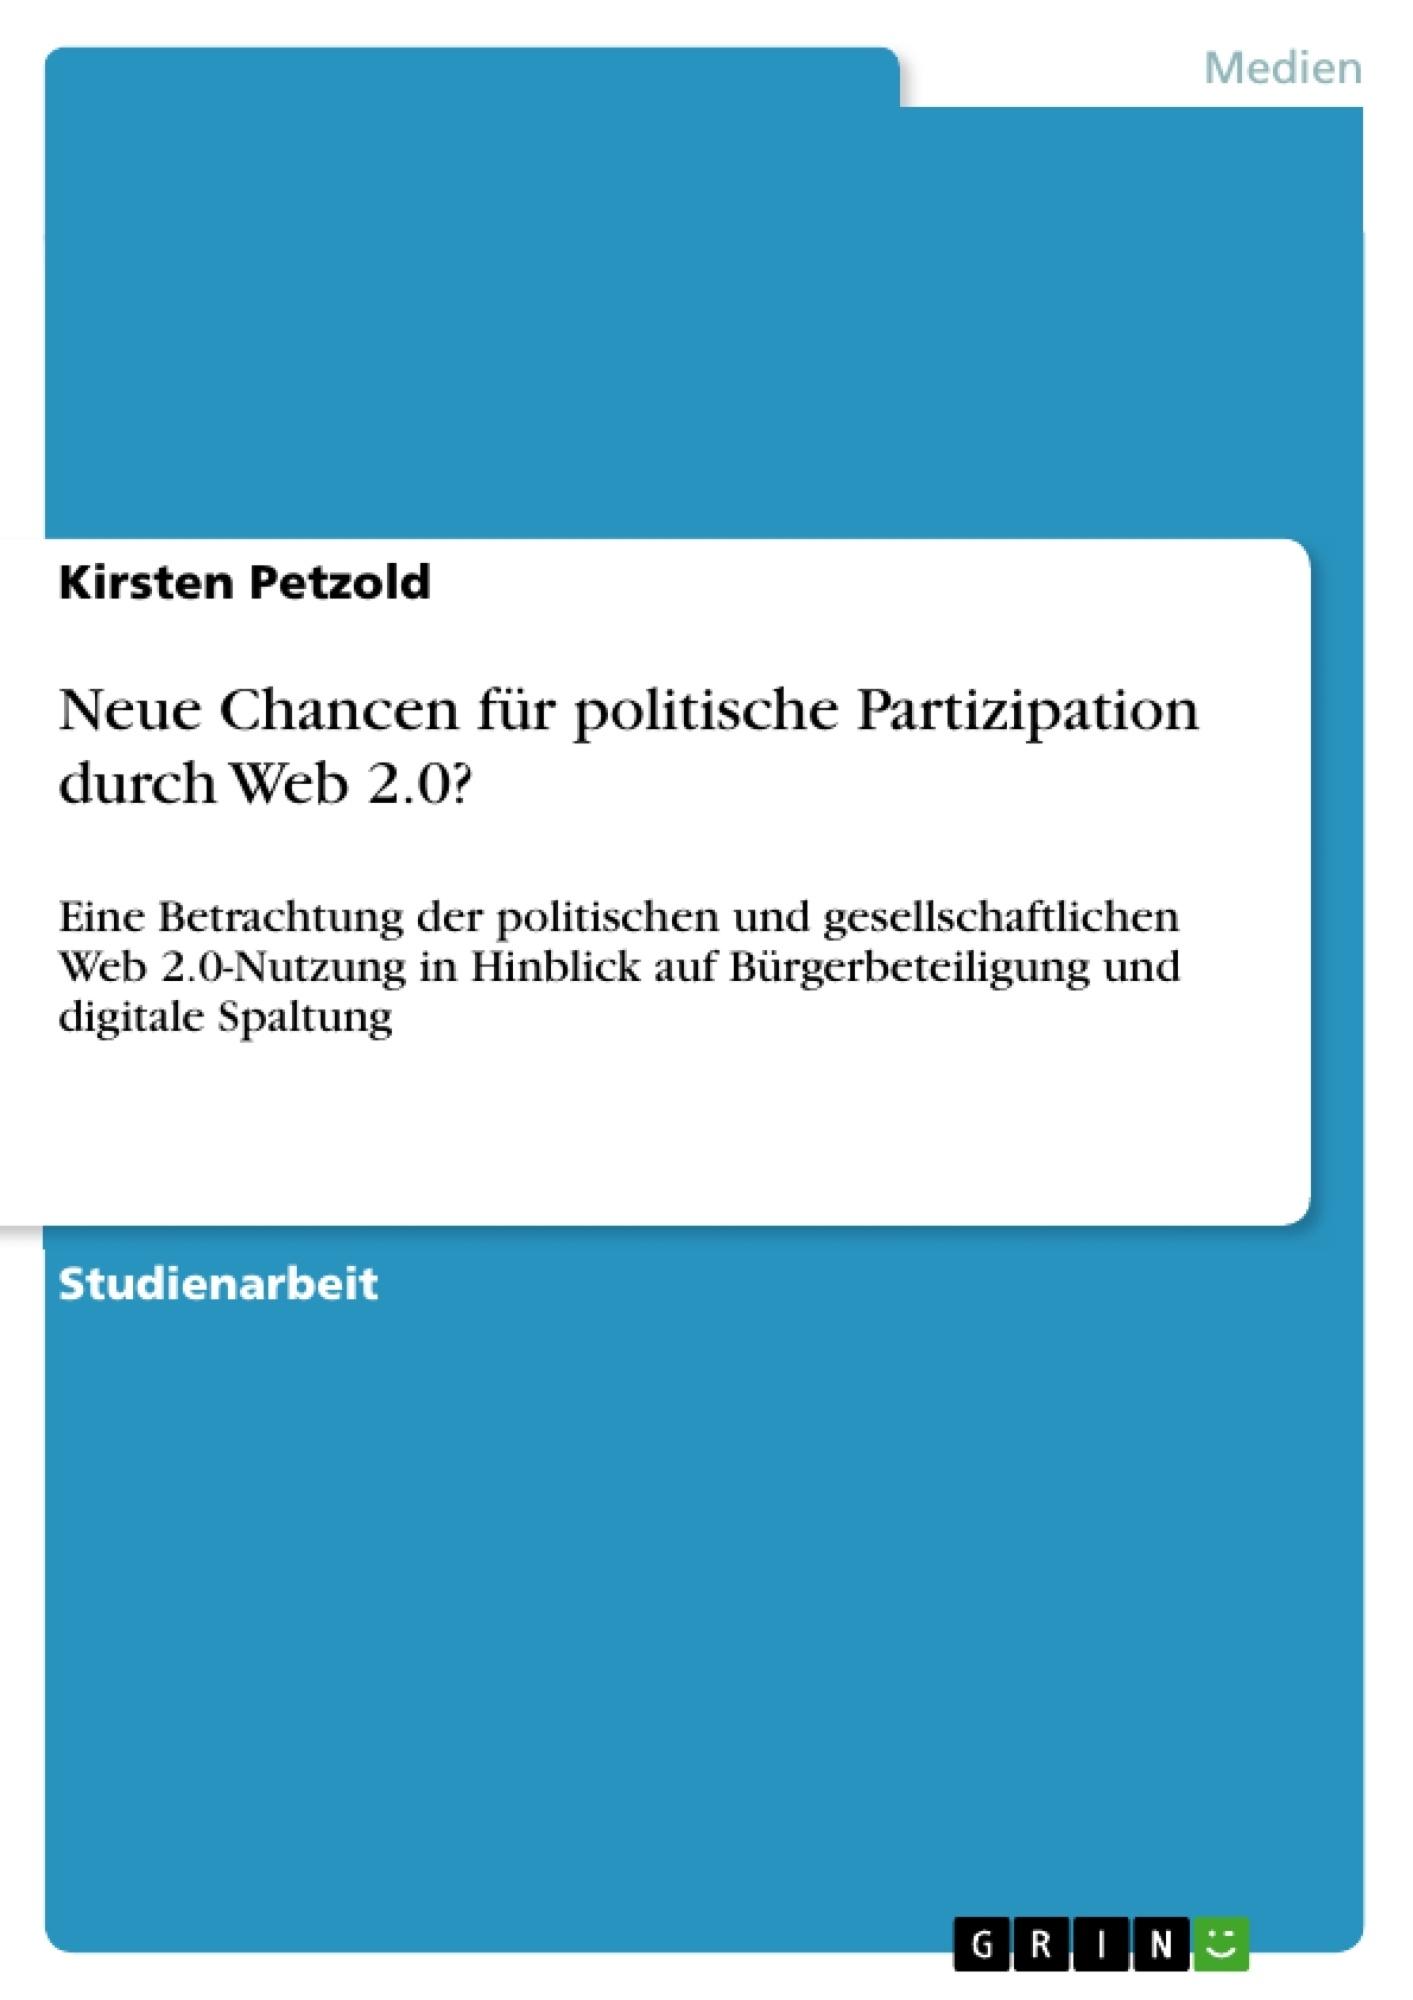 Titel: Neue Chancen für politische Partizipation durch Web 2.0?